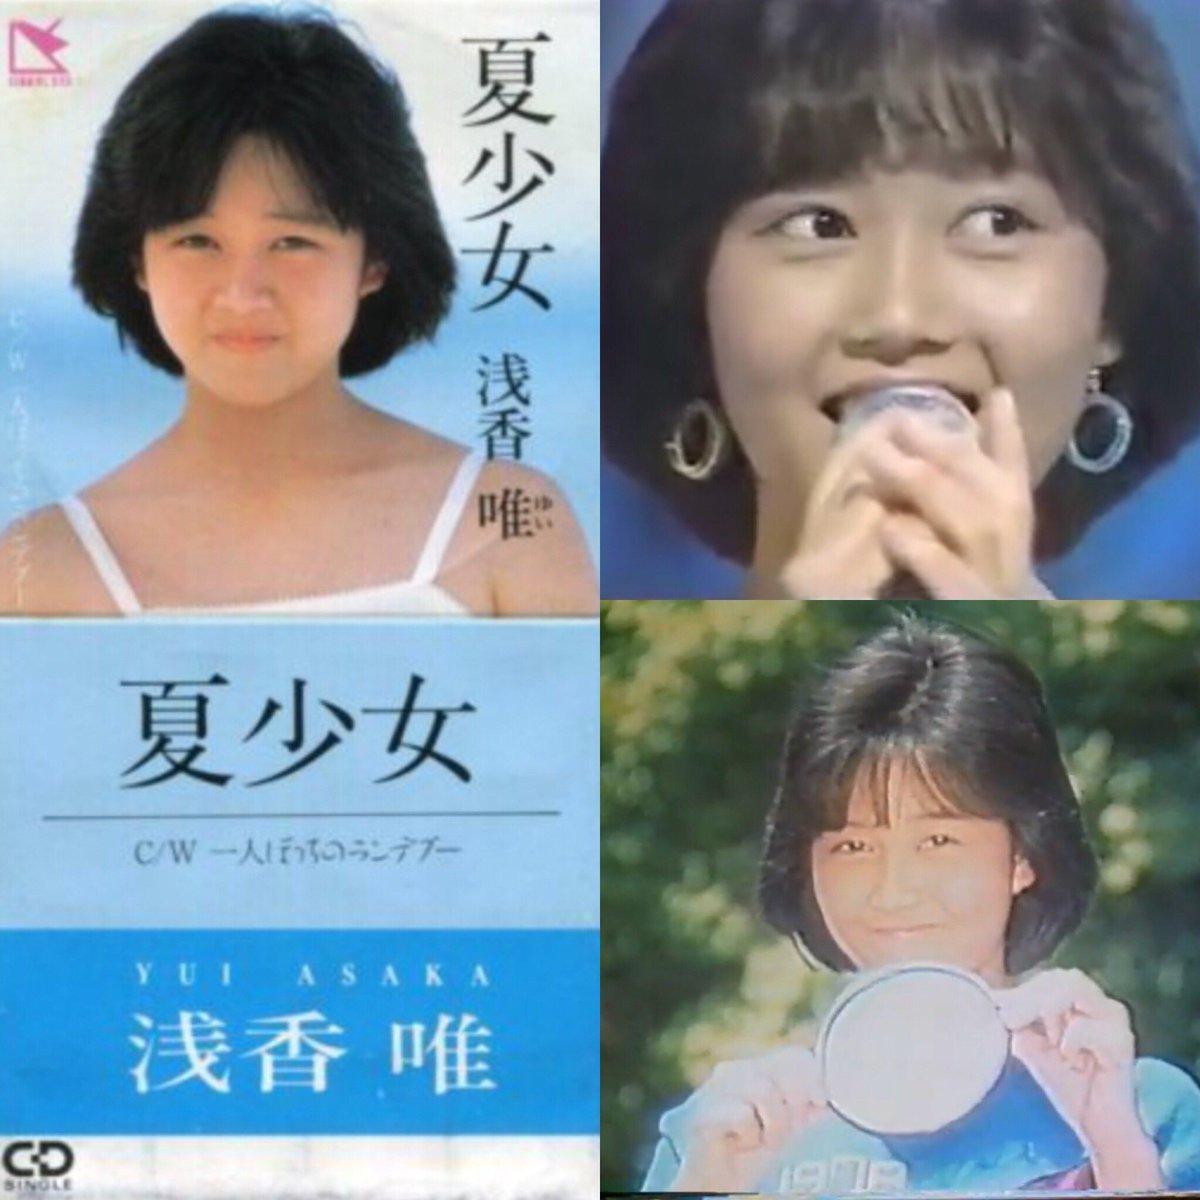 test ツイッターメディア - 6月21日は浅香唯さんデビュー日😊 おめでとうございます🎊  1985.6.21 『夏少女』 https://t.co/UAbREI5ckR